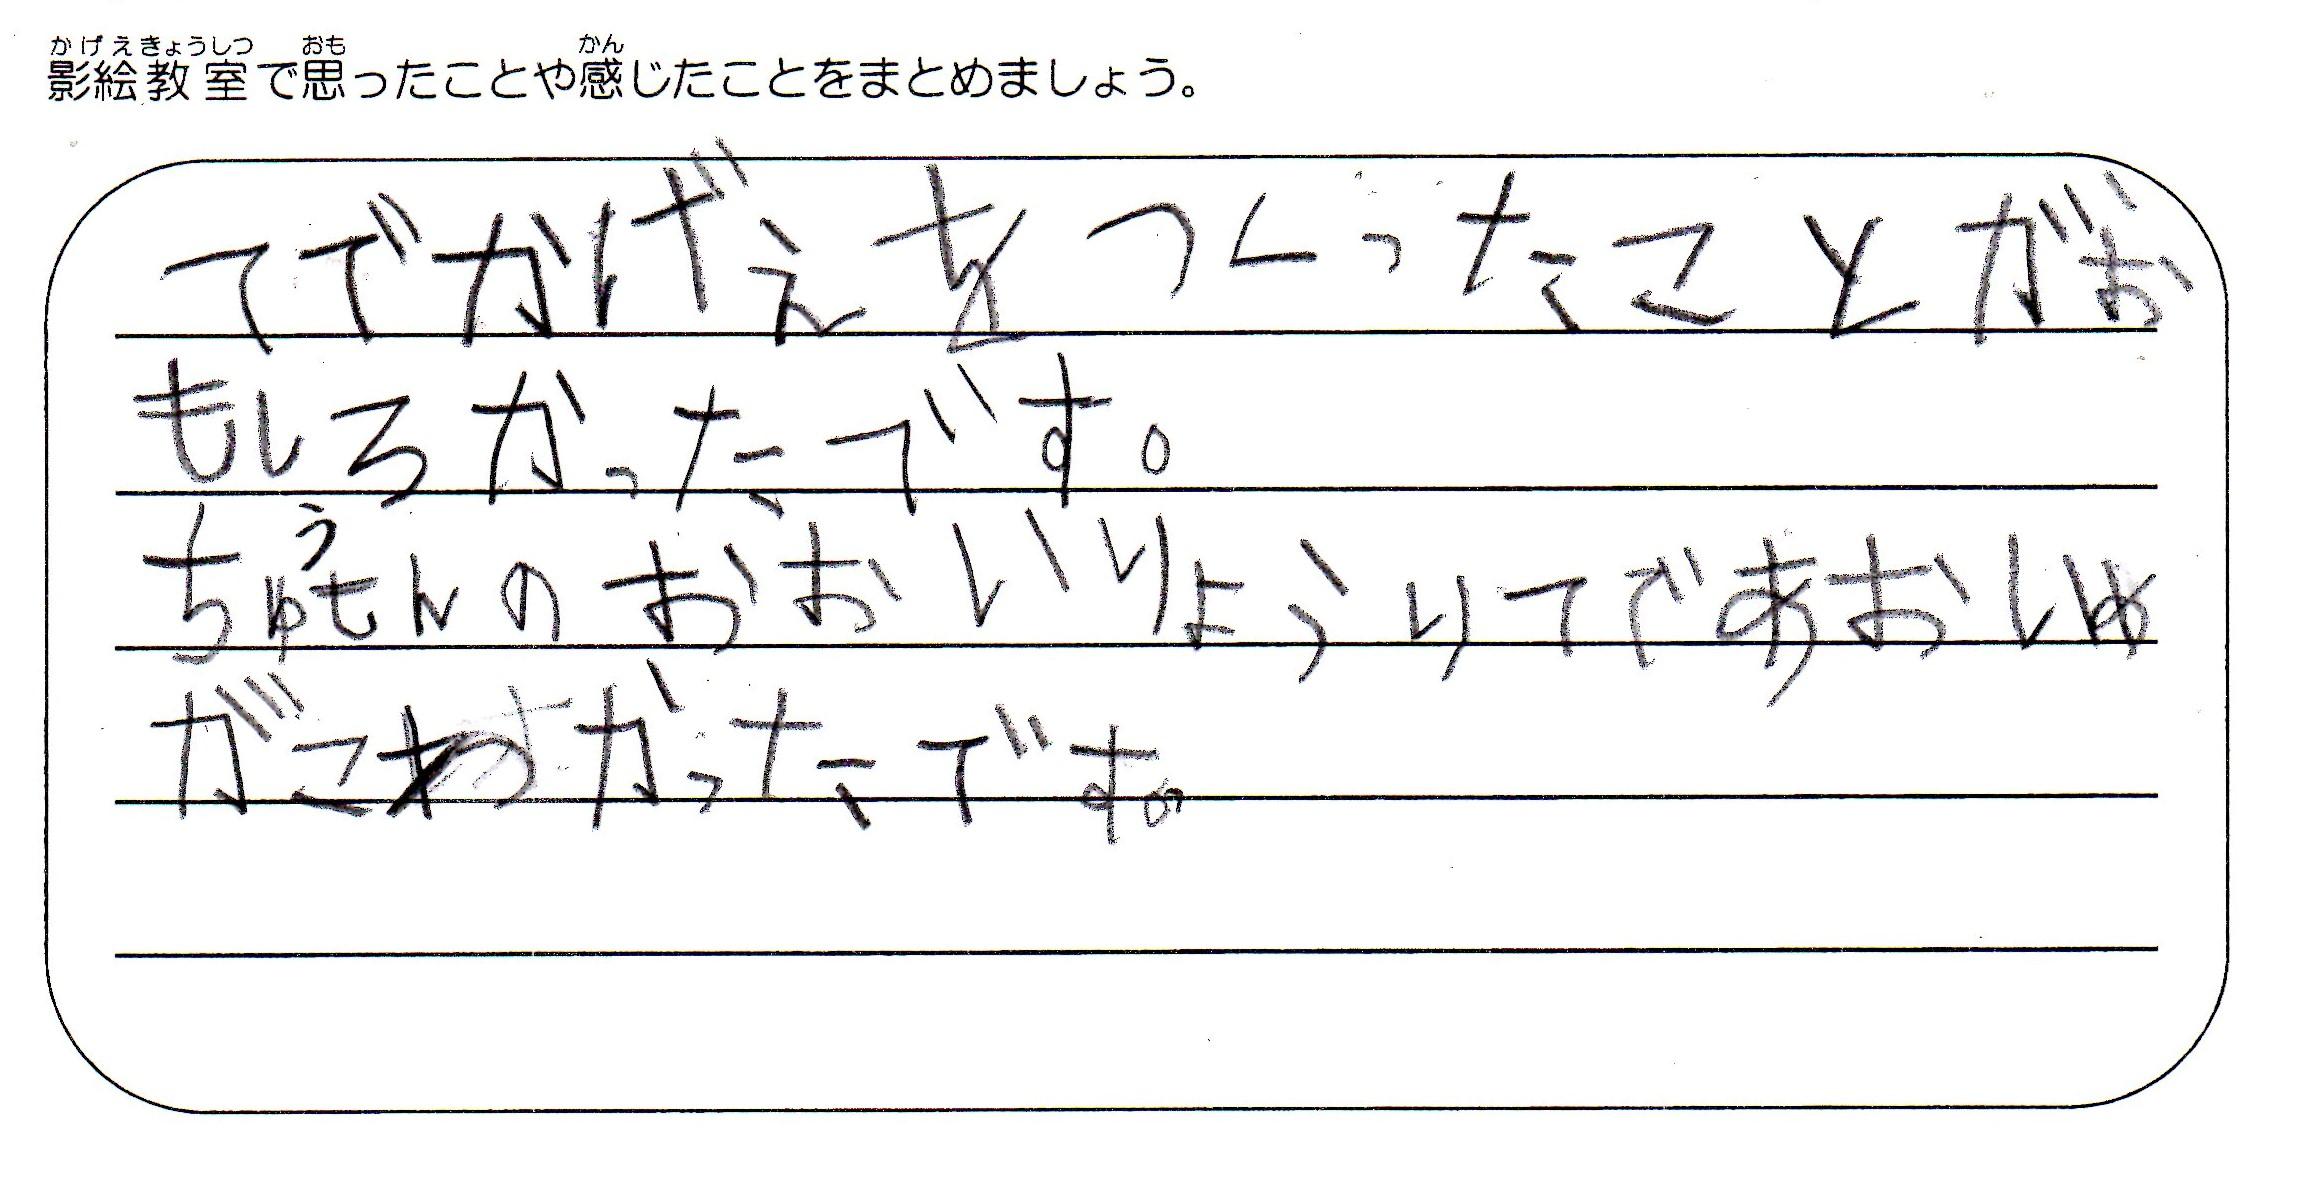 2019年9月10日(火)千葉県野田市立福田第二小学校で公演をしました。1年生の声です。